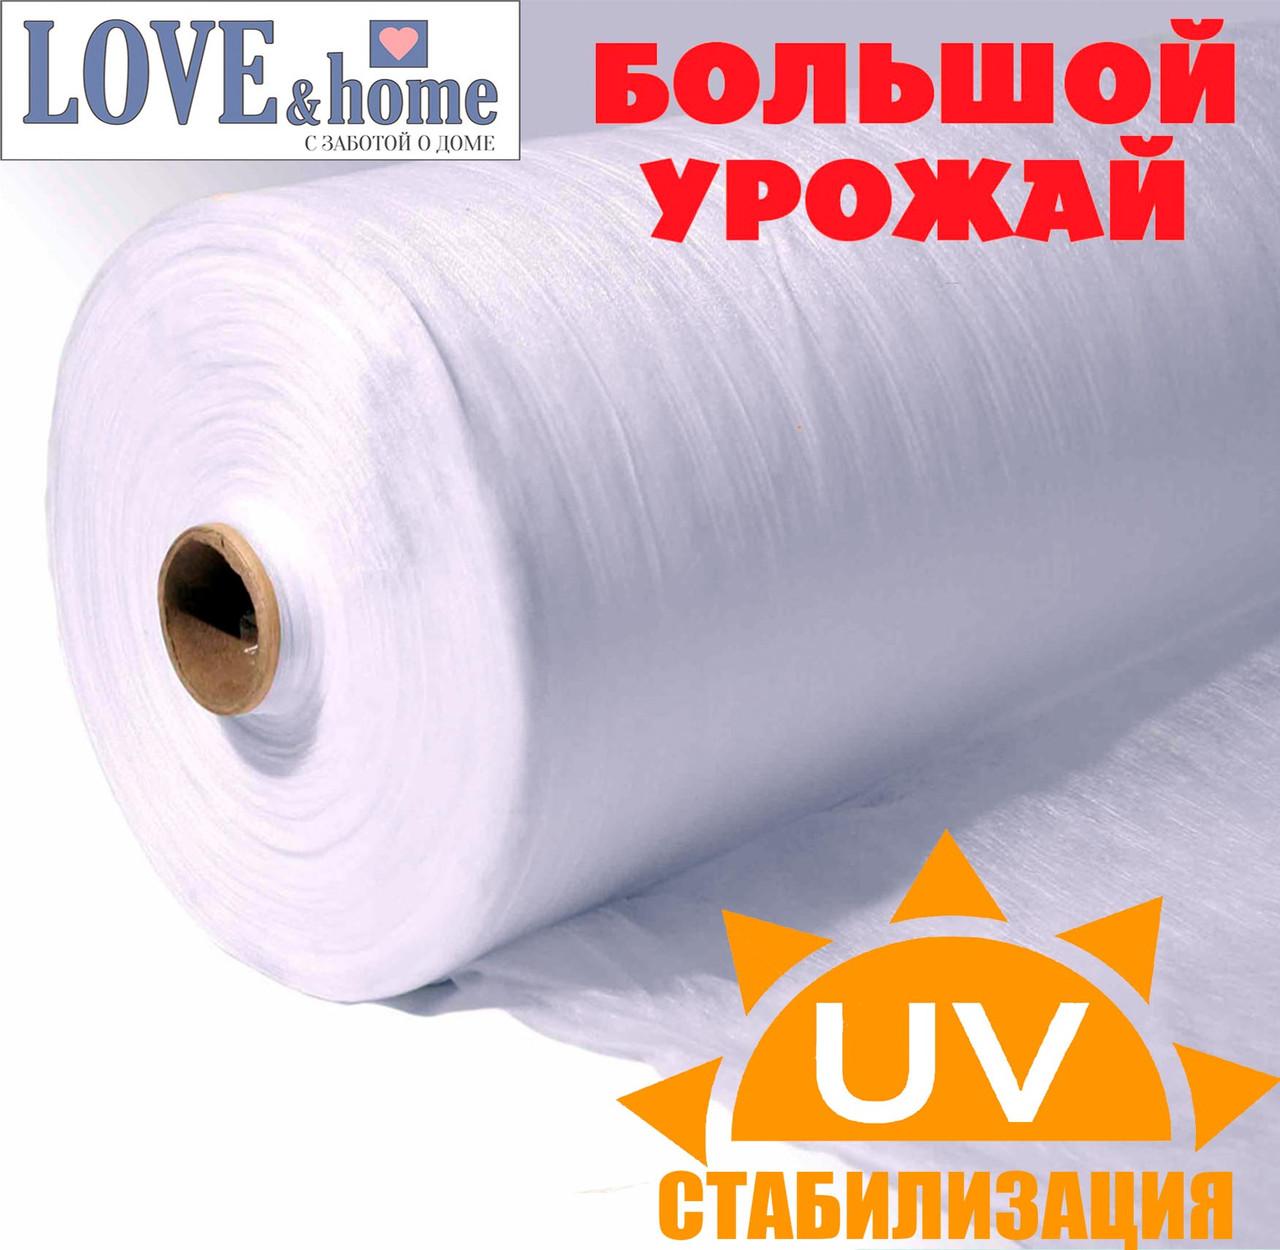 Агроволокно біле, щільність 42г/м2. ширина 3.2 м. довжина 100м.